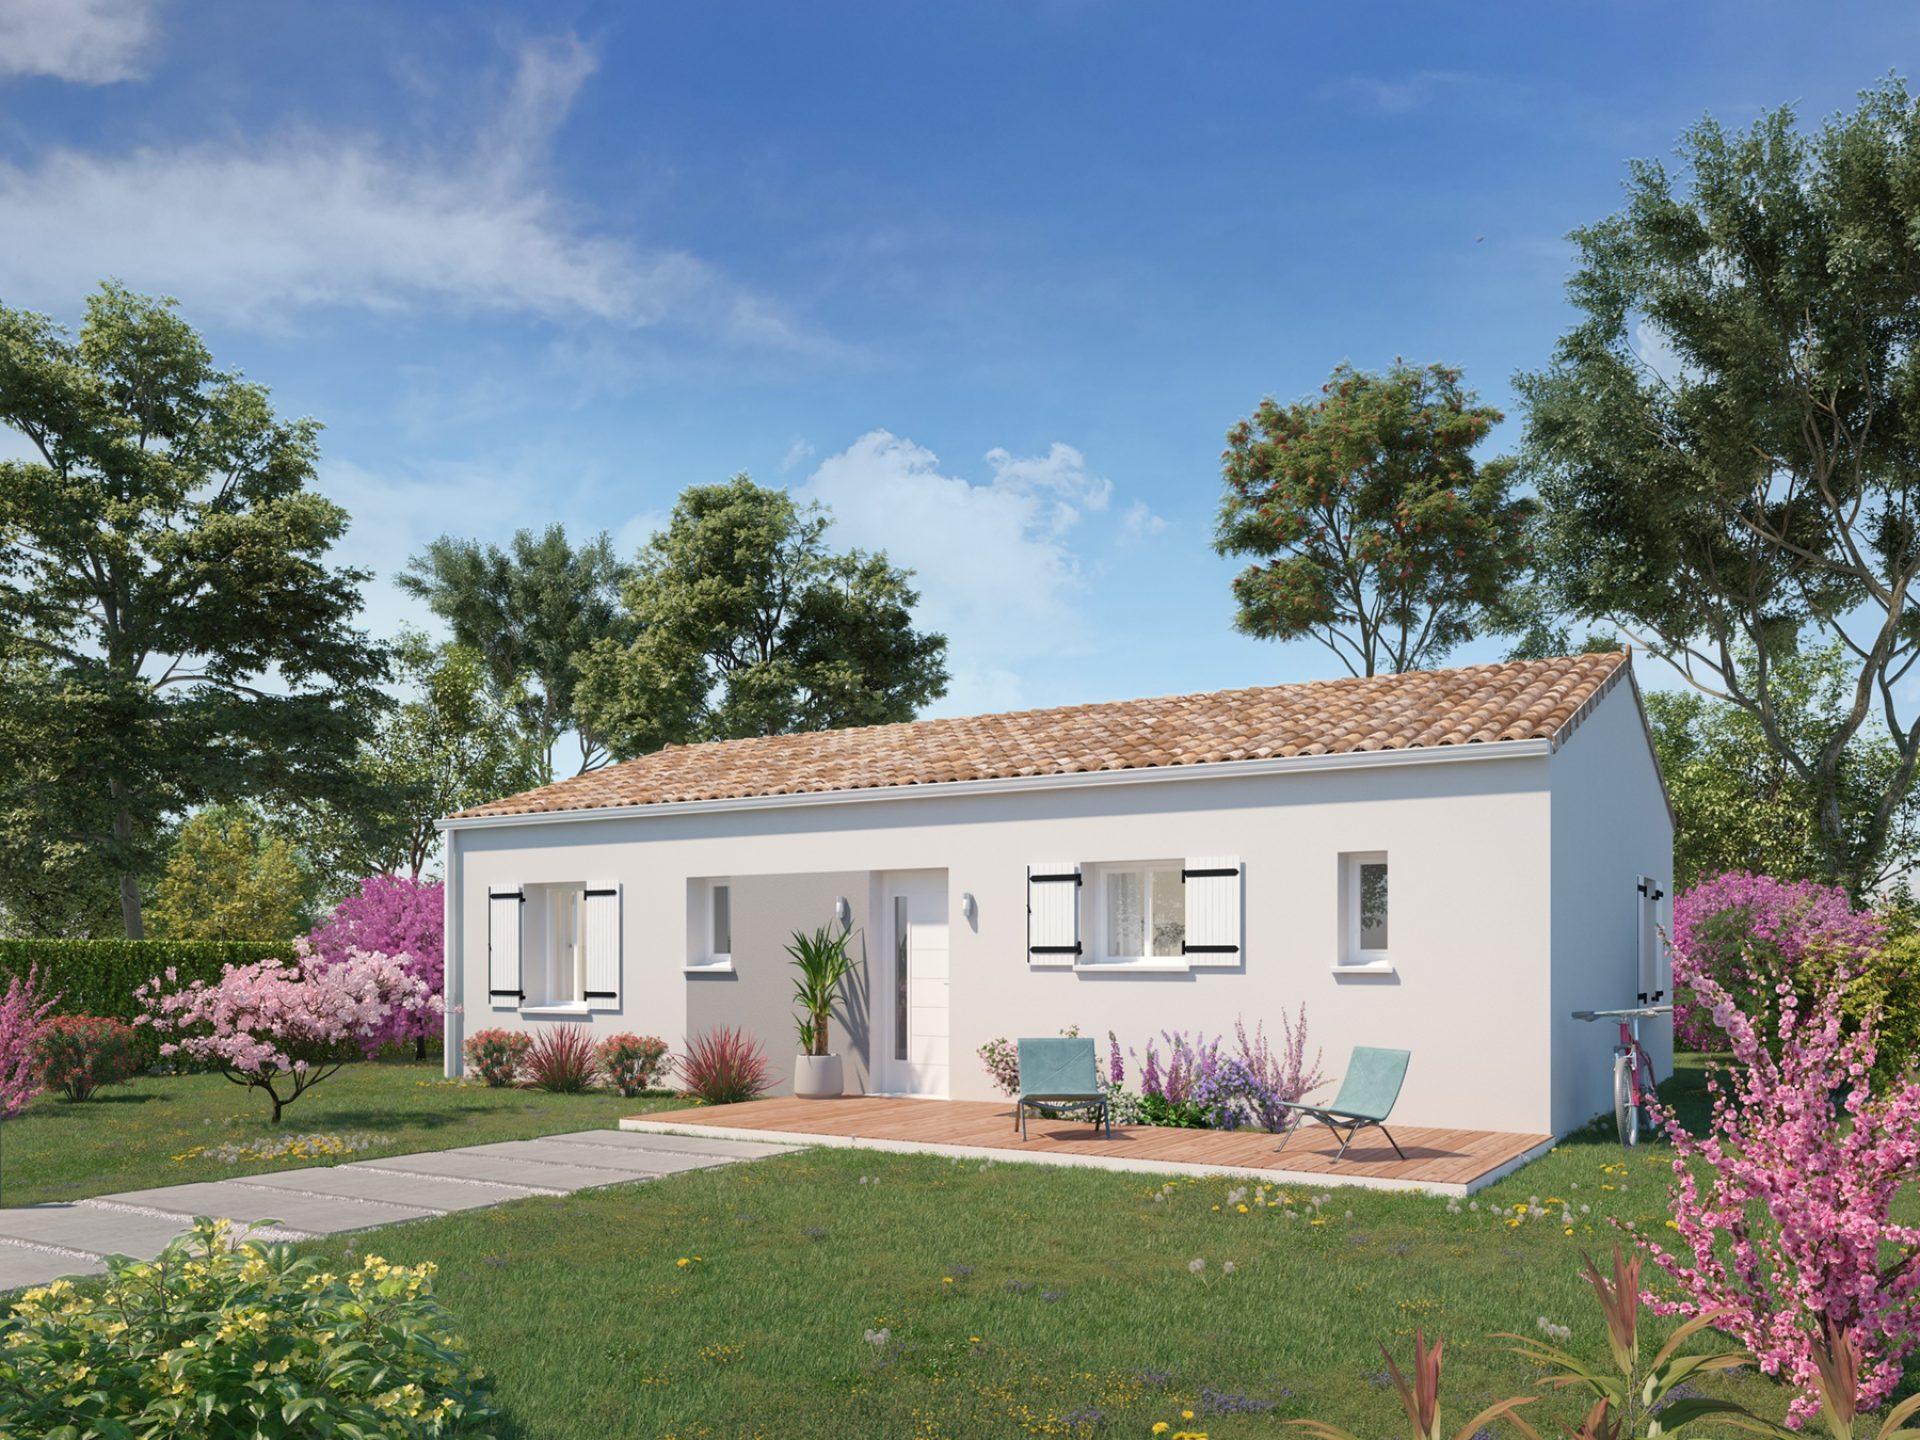 La maison Desirée | 80 m² | 3 chambres